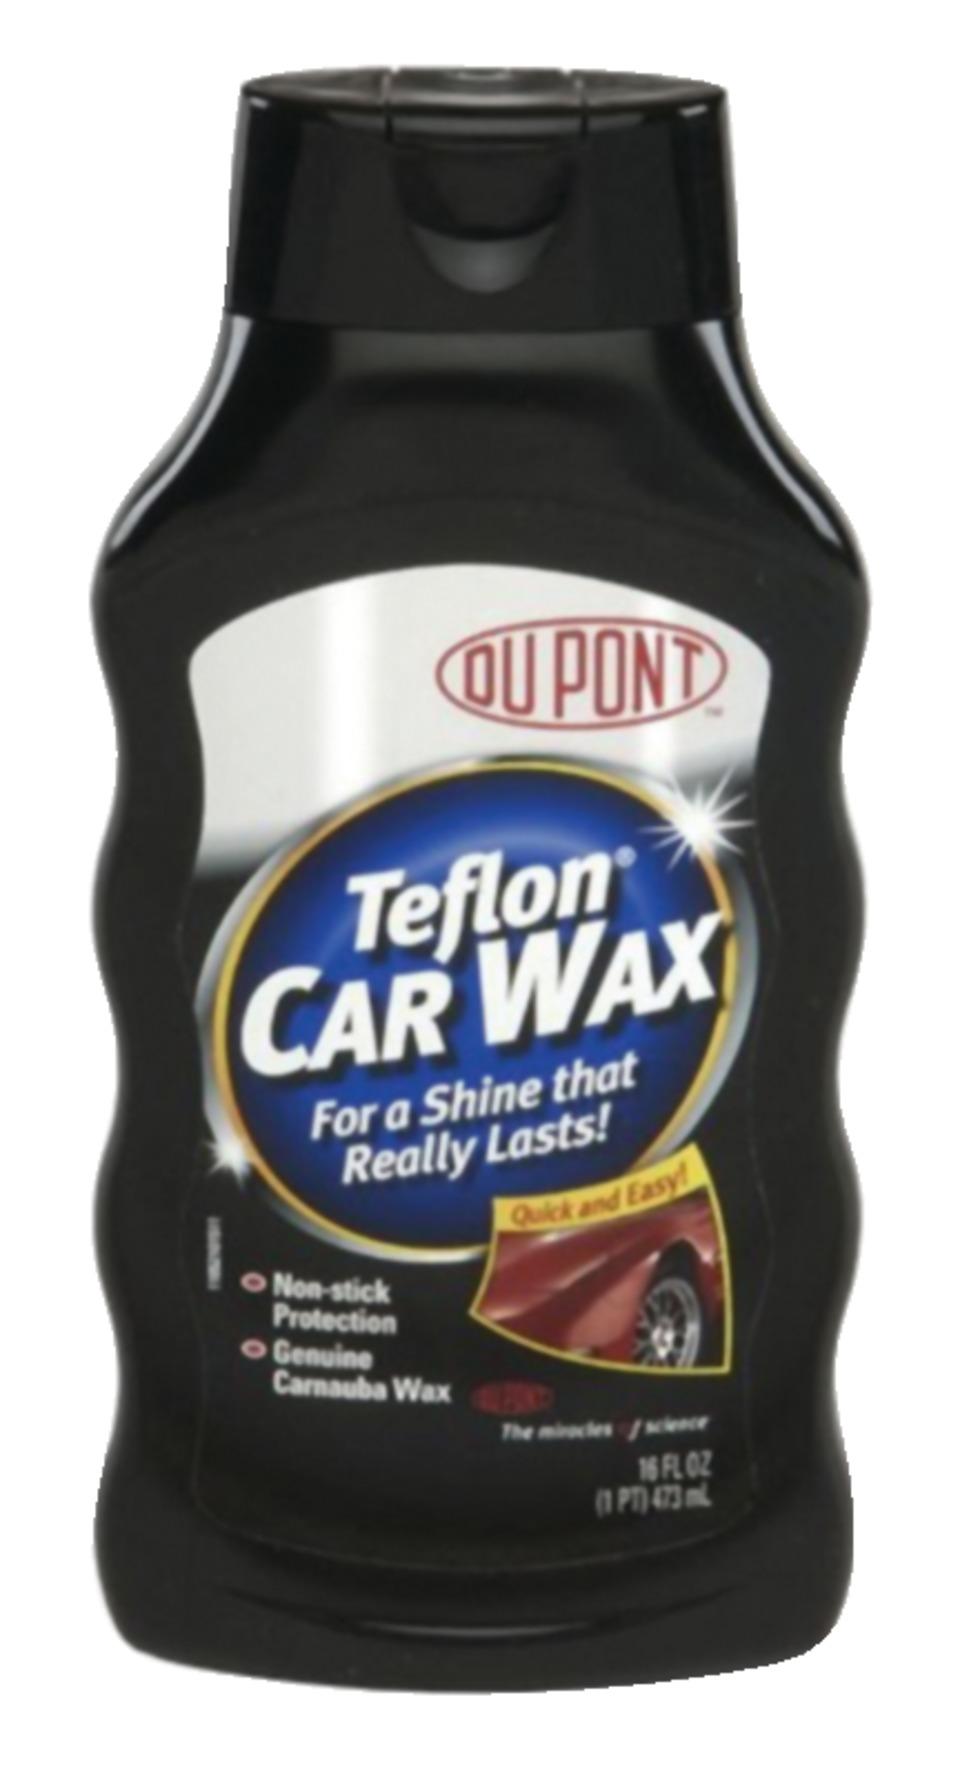 Car Detailing Supplies >> Teflon Car Wax - Sexiest Bbw